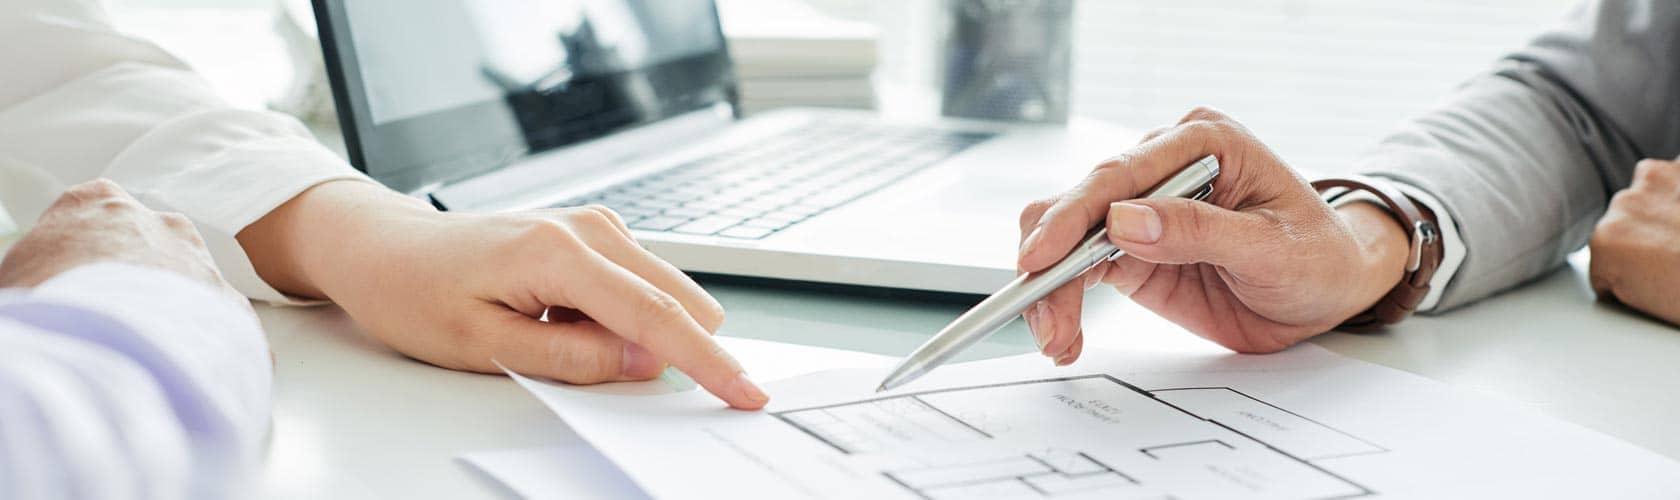 Analyse und Beratungsgespräch Gebäudesicherheit, Alarmanlage, Sicherheitskonzept